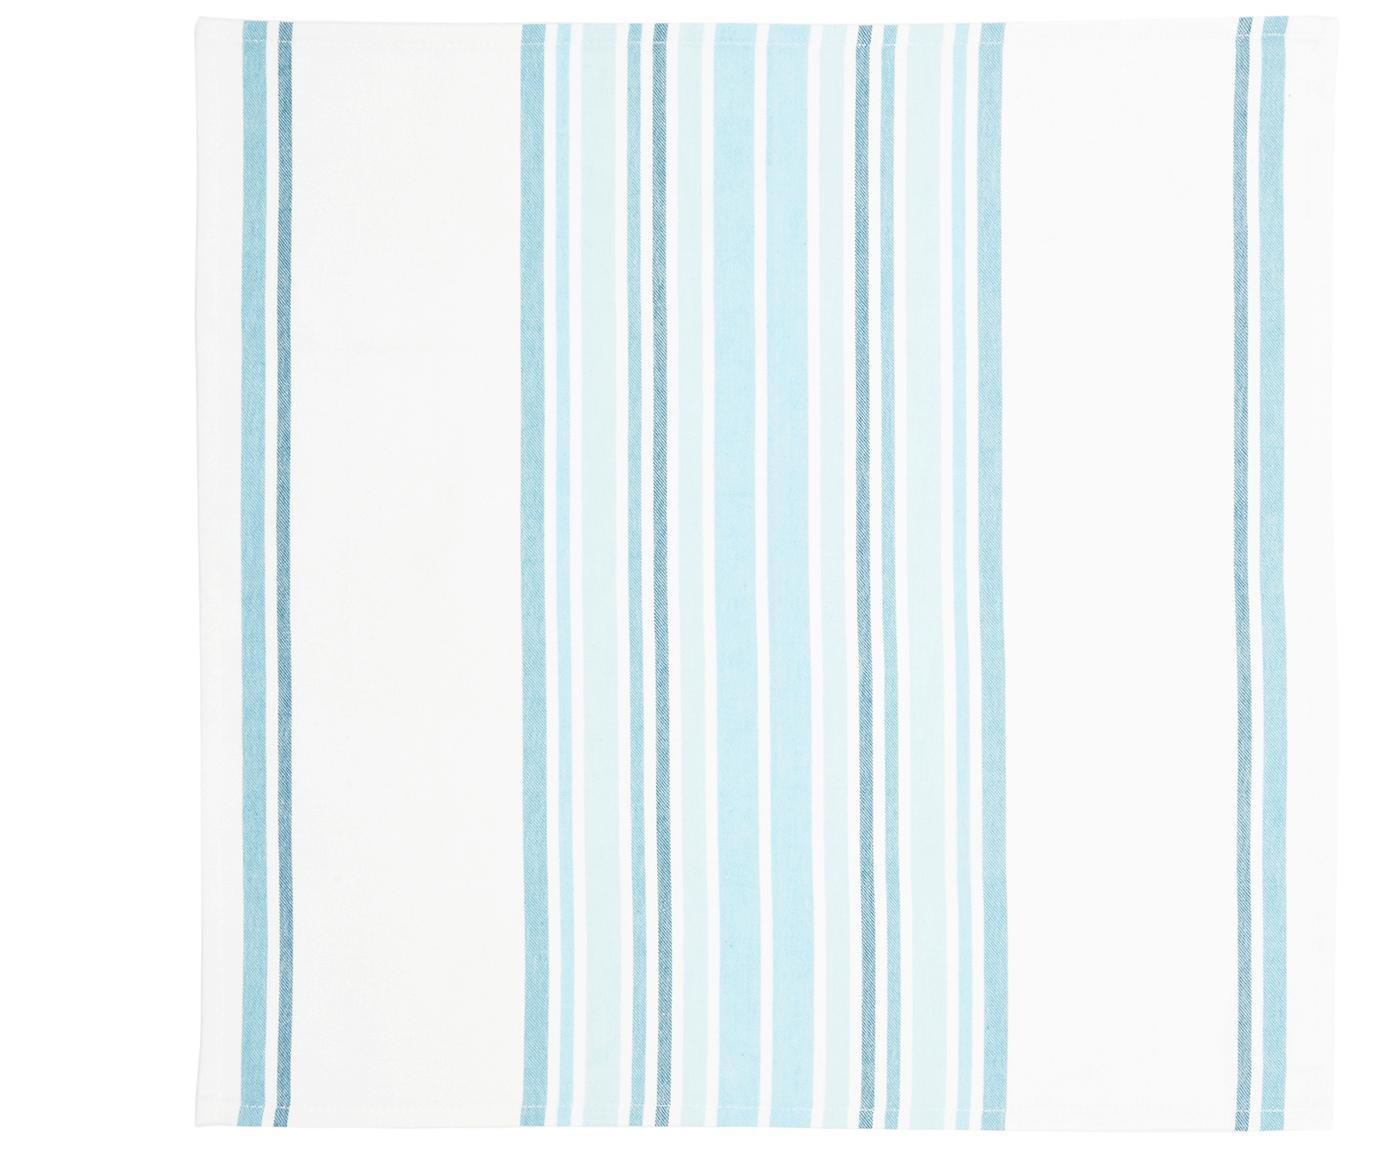 Baumwoll-Servietten Katie, 2 Stück, Baumwolle, Weiß, Blau, 50 x 50 cm